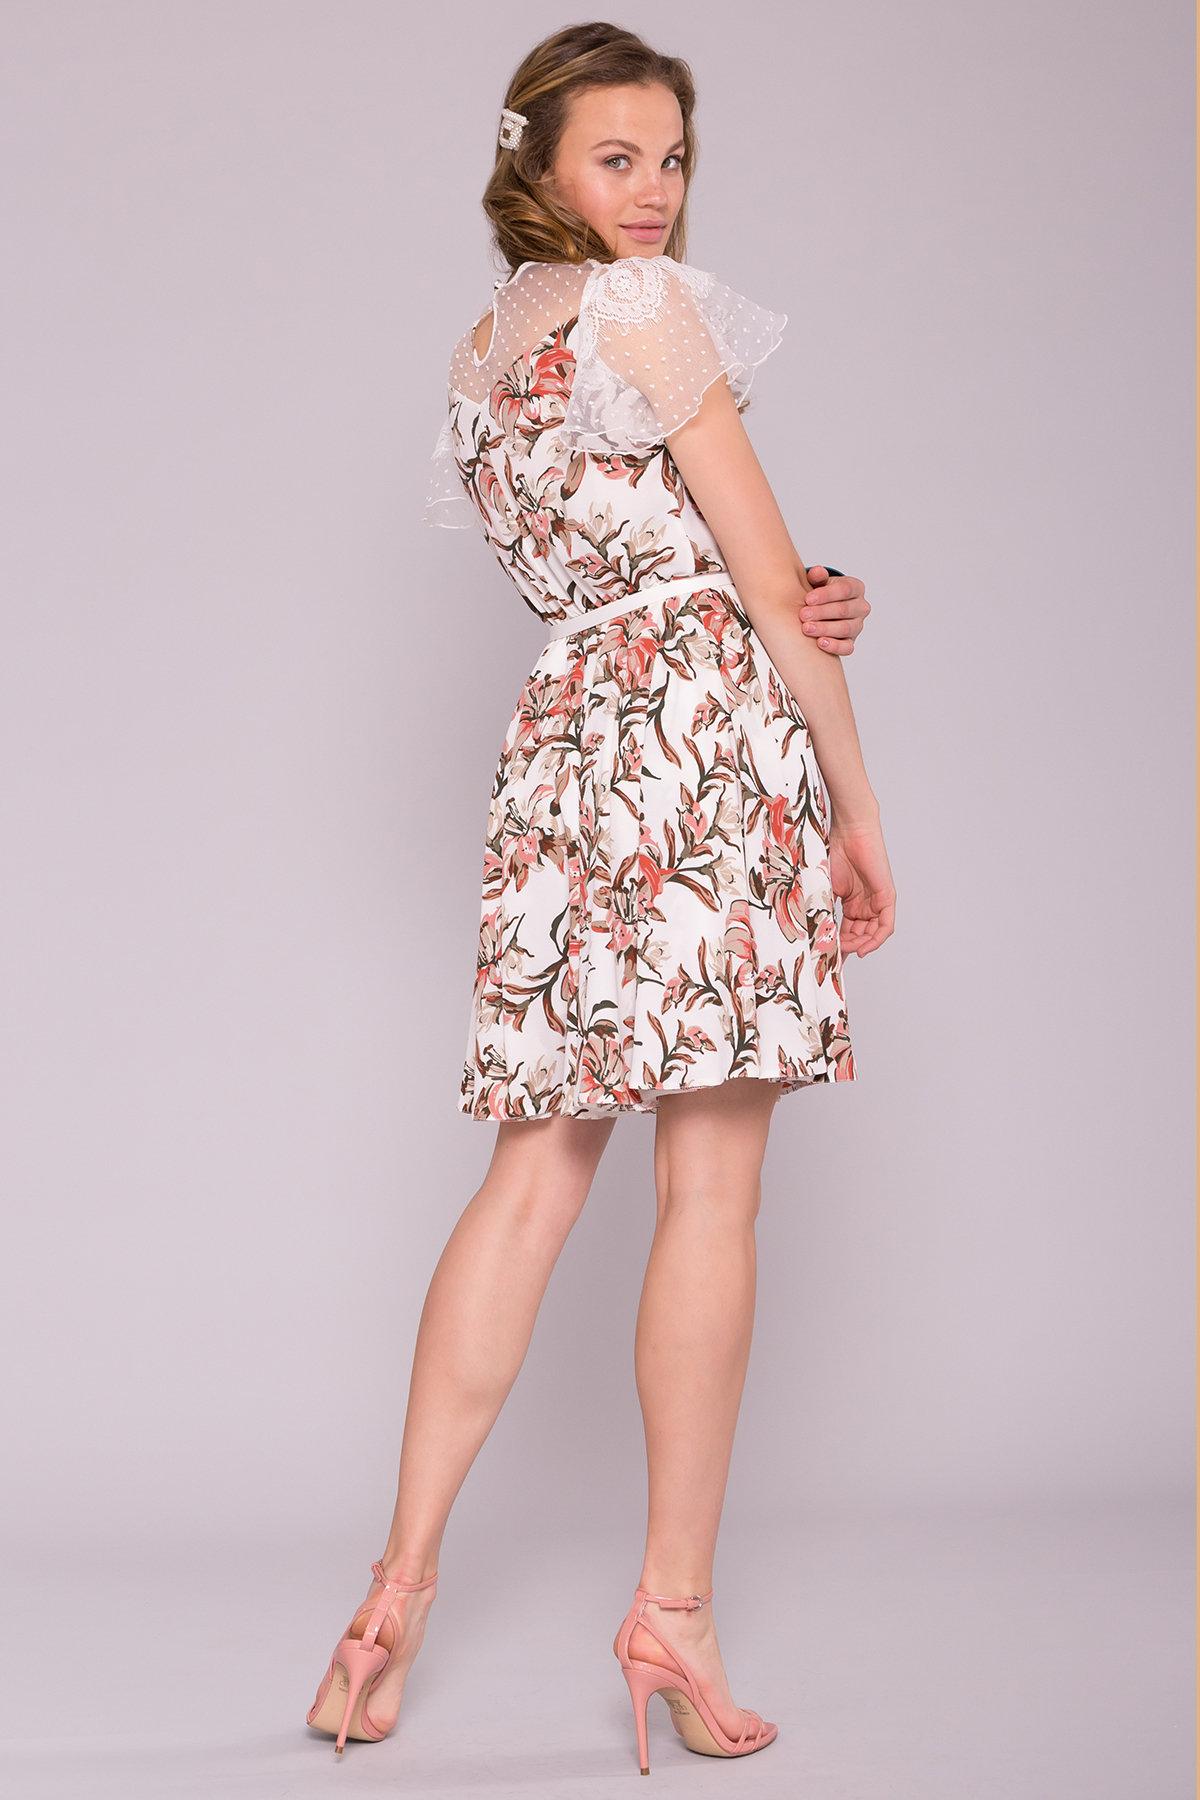 Легкое Платье Ламара 7221 АРТ. 42784 Цвет: Лилии коралл/молоко - фото 3, интернет магазин tm-modus.ru